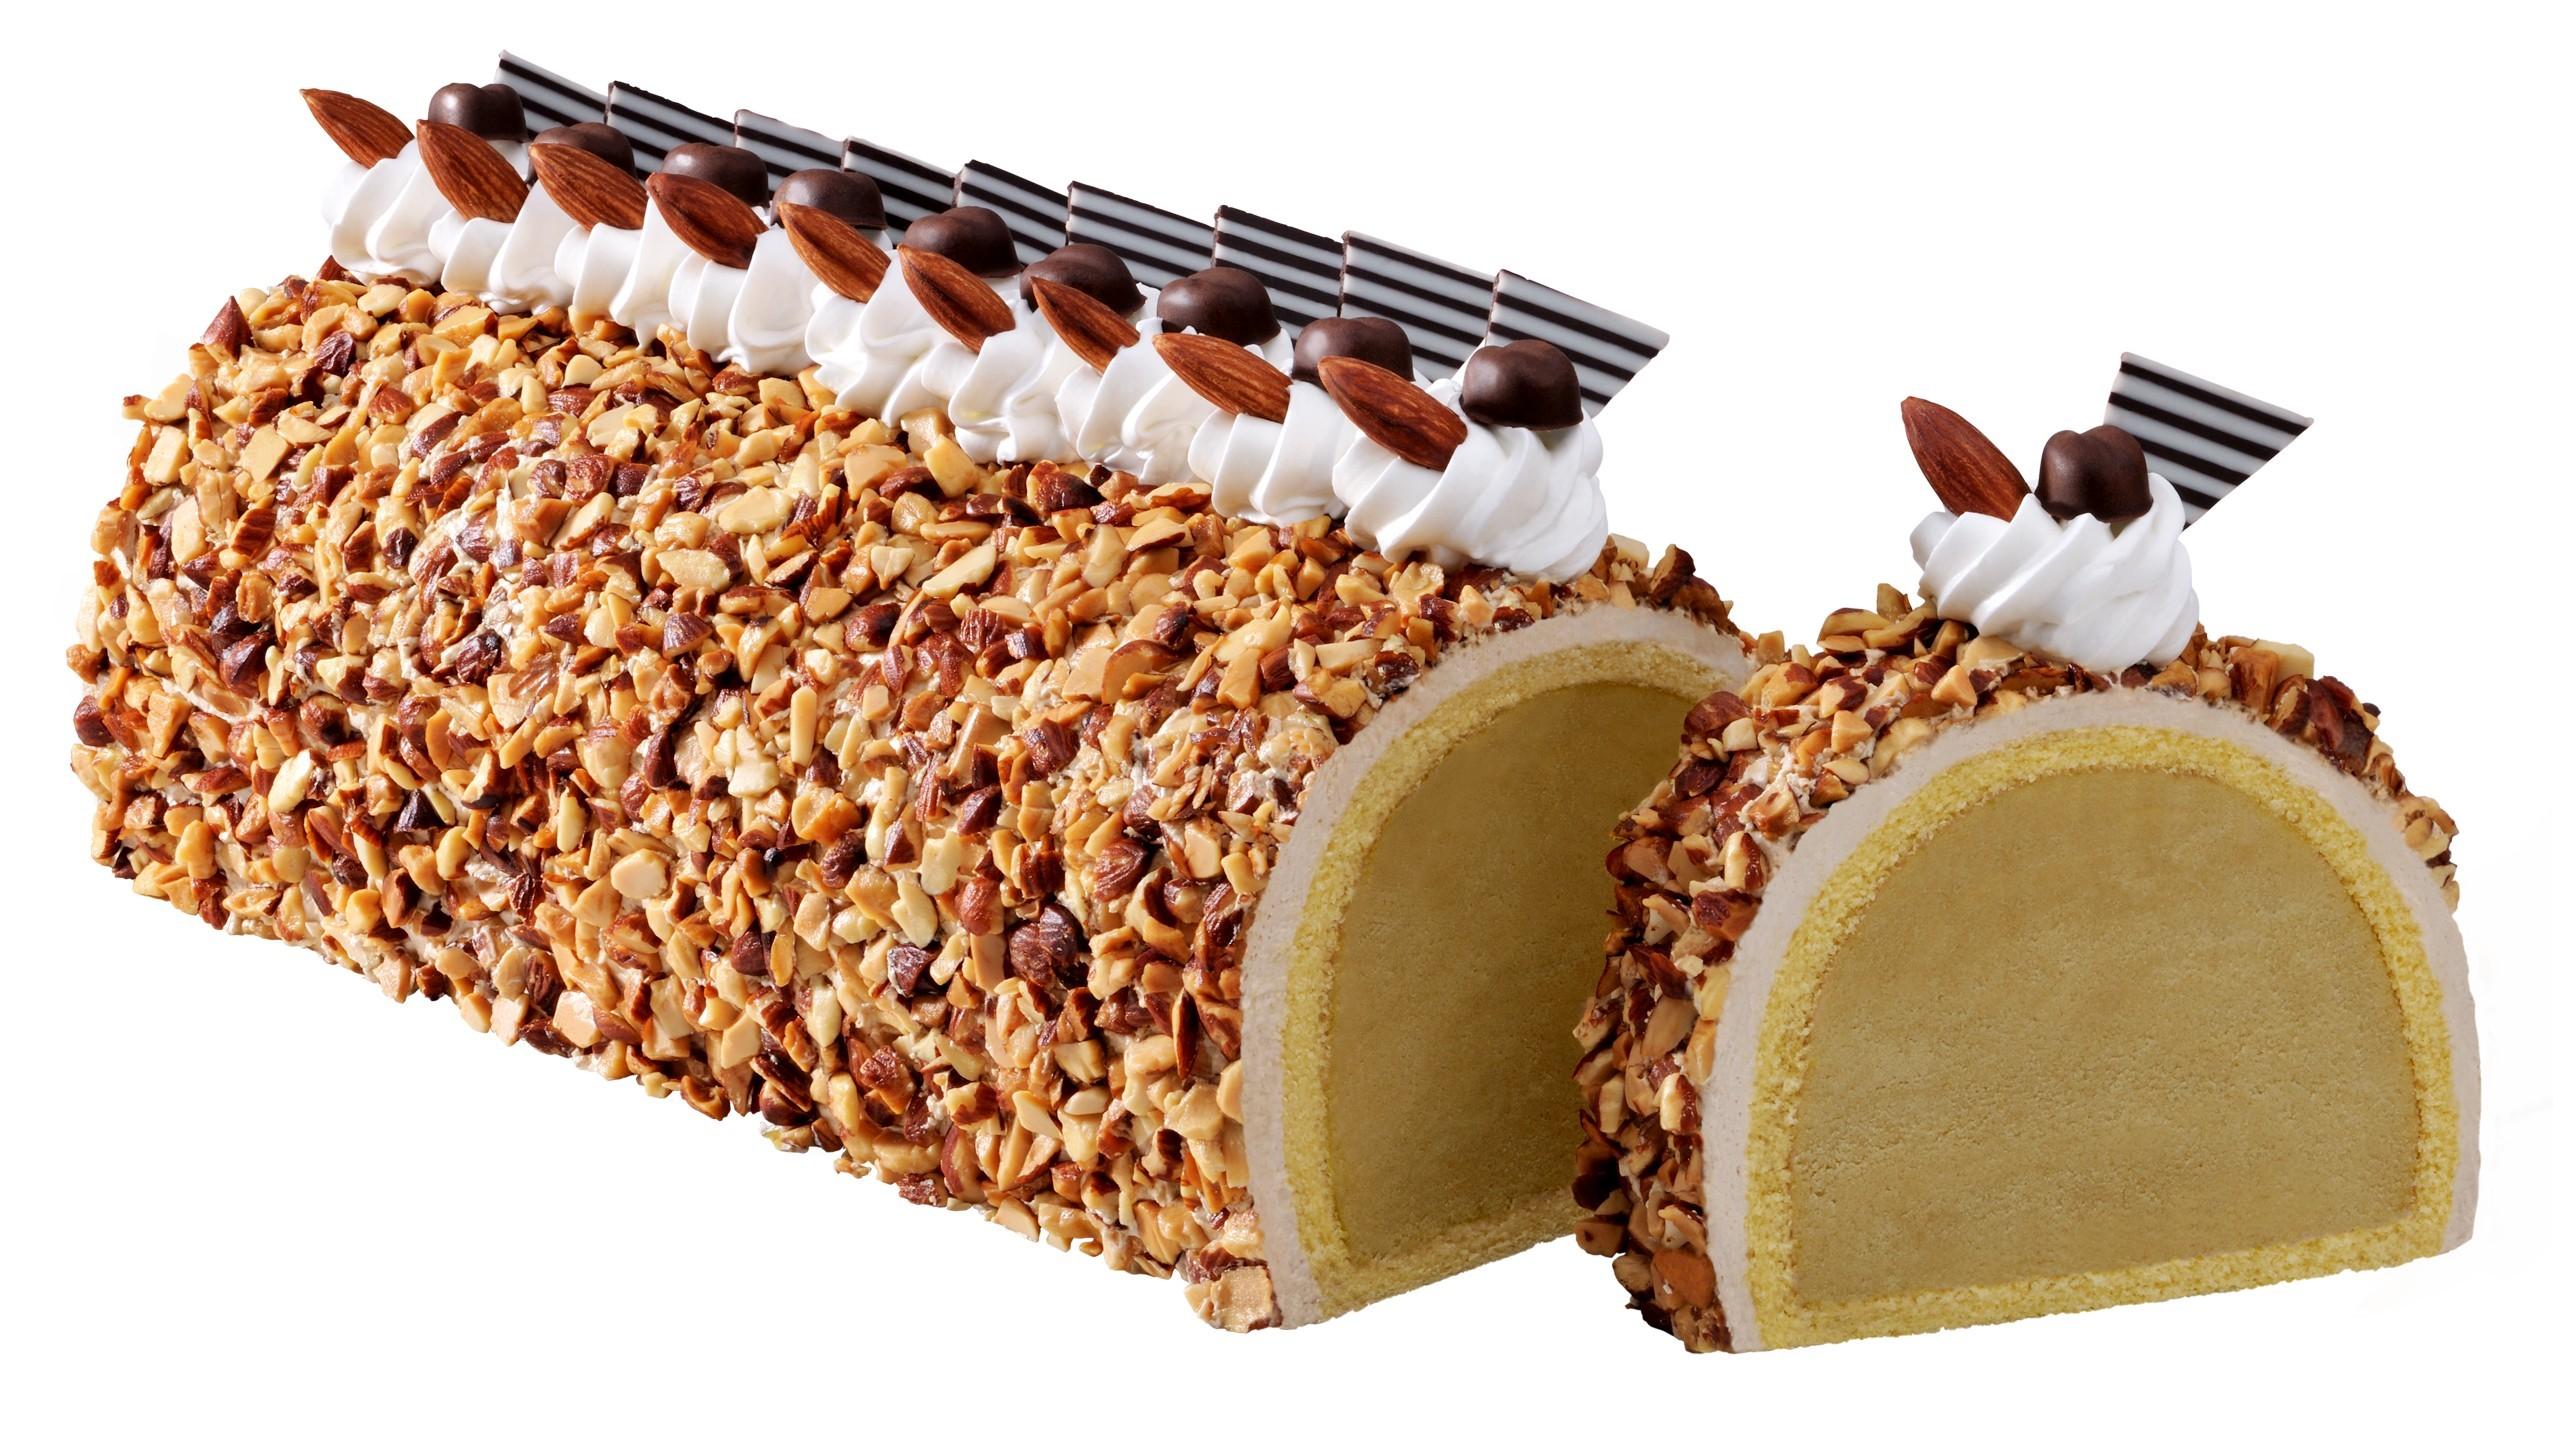 บัดส์ ไอศกรีมเค้กโรล  เอสเปรสโซ คอฟฟี่